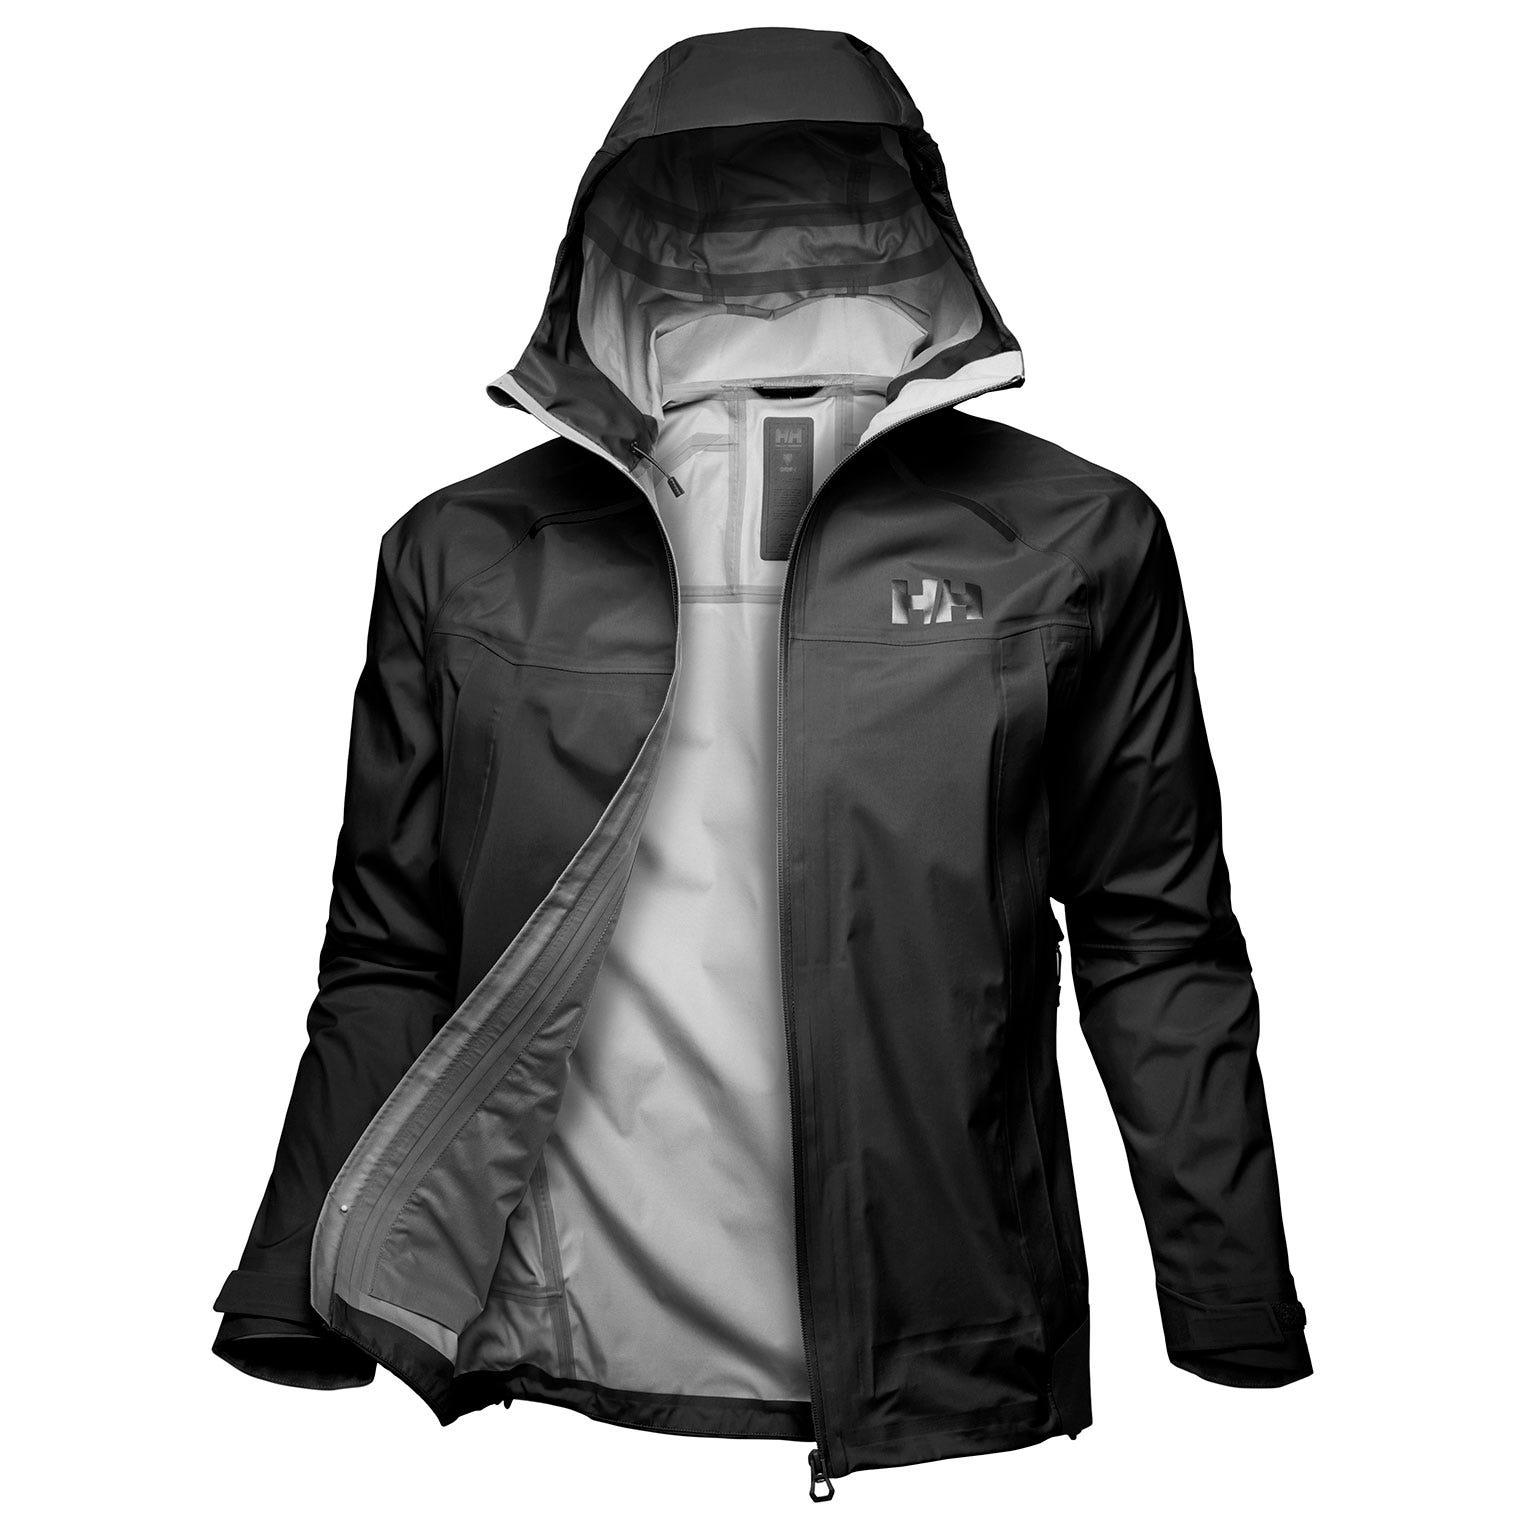 Helly Hansen Odin 9 Worlds Jacket Mens Hiking Black XXL